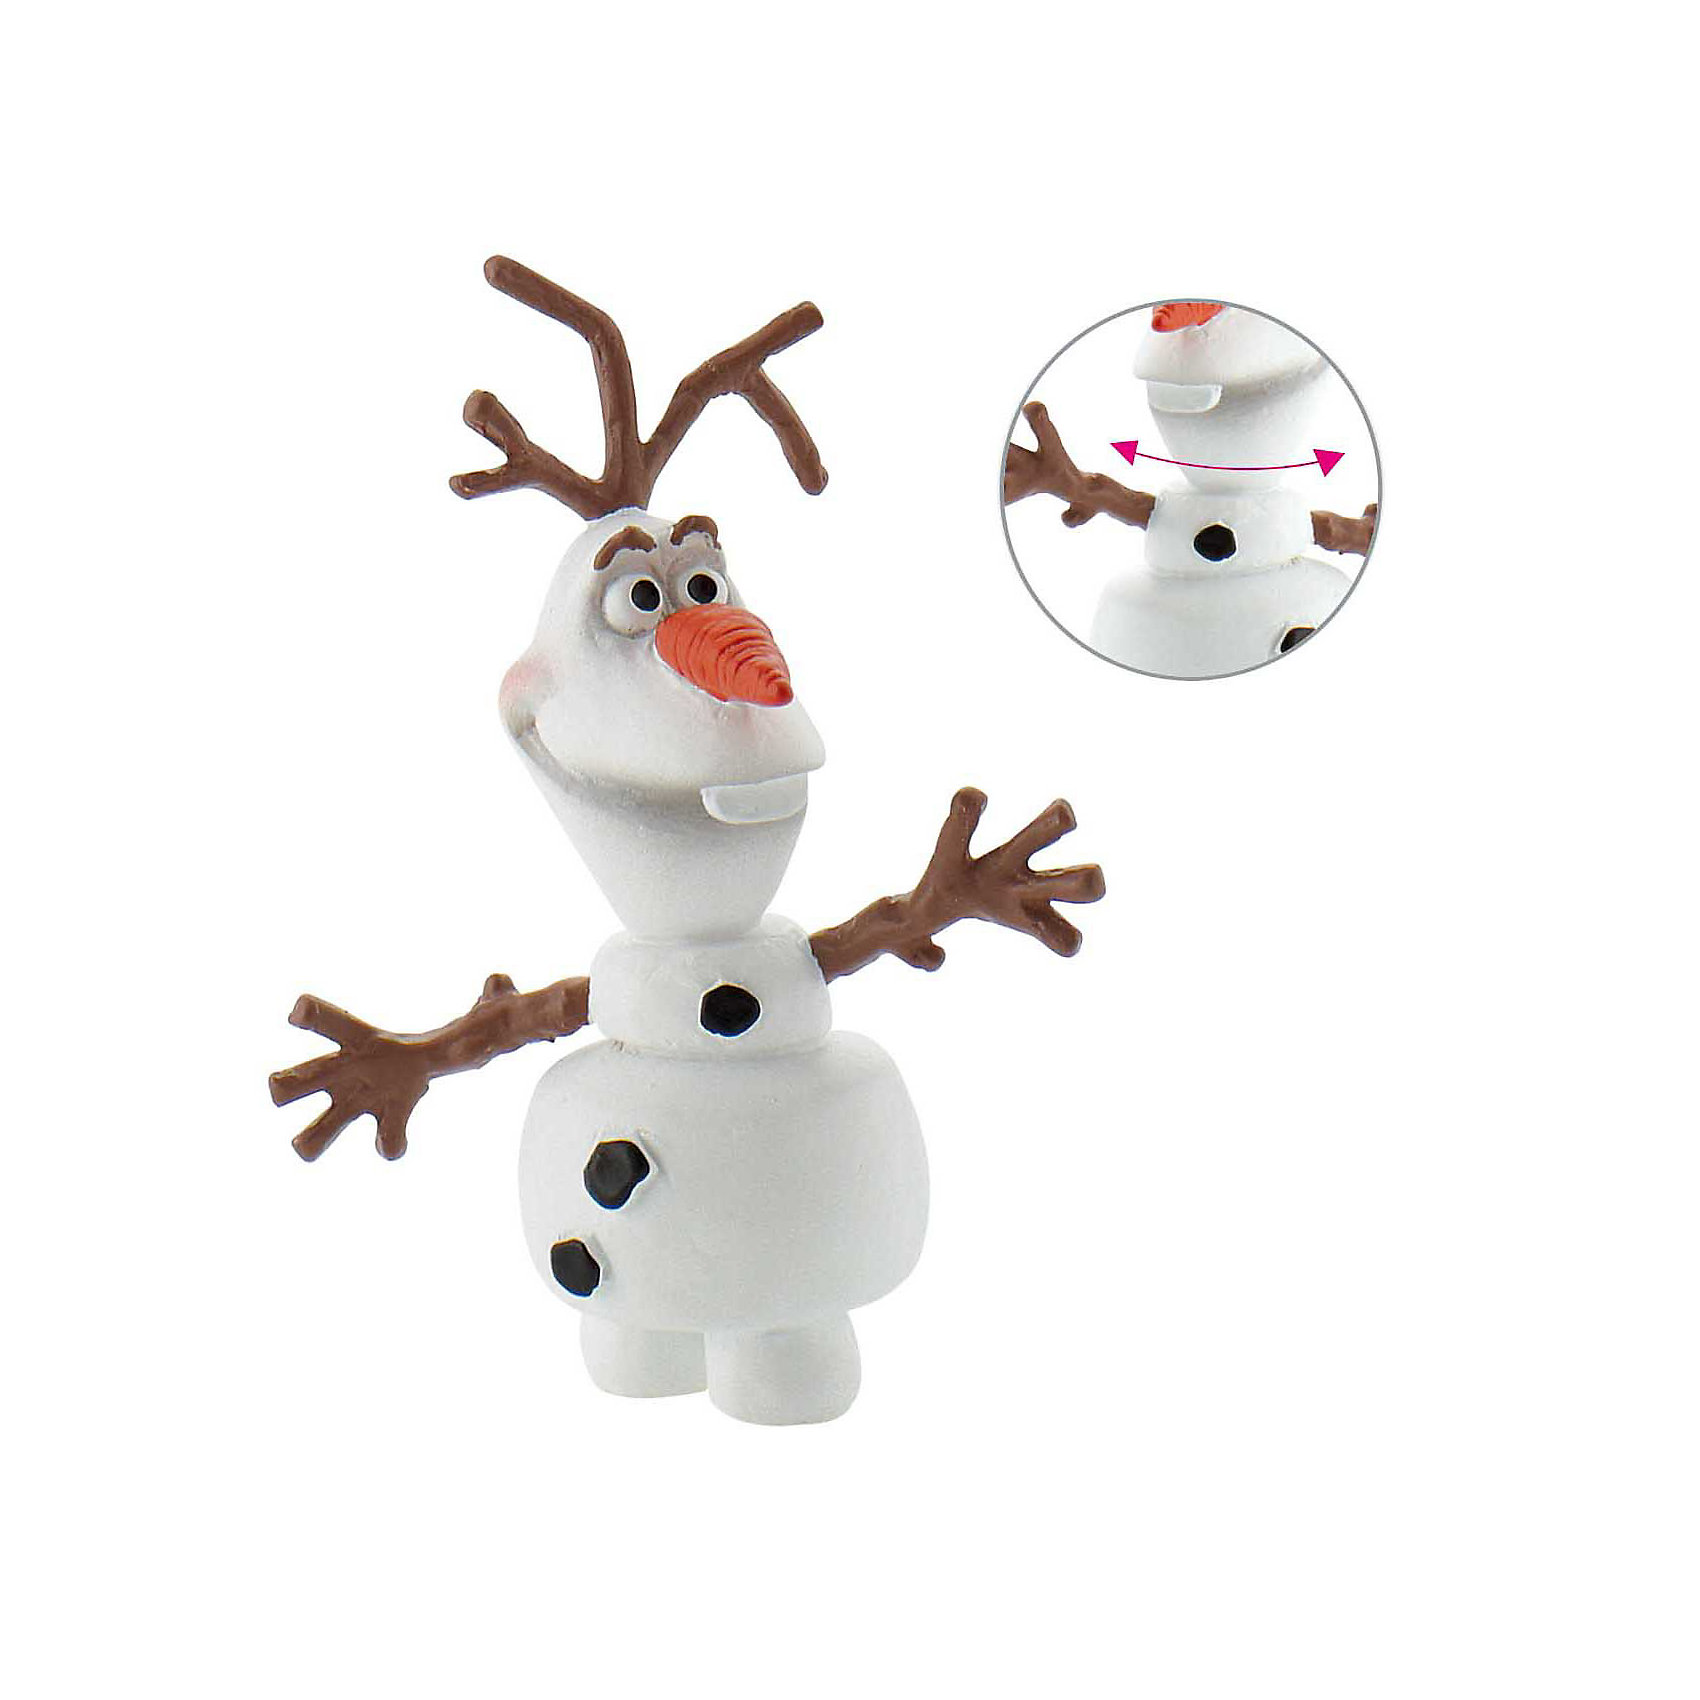 Фигурка Олаф,  DisneyПопулярные игрушки<br>Симпатичный снеговик Олаф – герой мультфильма «Холодное сердце». И мальчики, и девочки любят этого зимнего персонажа, который мечтает однажды встретить лето. <br>Забавная фигурка снеговика выглядит как на киноэкране. Голова героя поворачивается в разные стороны. Игрушка изготовлена из термопластичного каучука – безопасного материала нового поколения, который использует Bullyland (Германия) для своих игрушек. Фигурки Bullyland выпускаются более 40 лет и заслужили награду Spiel Gut, присуждаемую комитетом учителей и врачей.<br>Соберите всех персонажей Холодного сердца в своей личной коллекции фигурок! <br><br>Дополнительная информация:<br><br>Высота фигурки: 4,5 см.<br><br>Фигурку Олаф,  Disney можно купить в нашем магазине.<br><br>Ширина мм: 82<br>Глубина мм: 27<br>Высота мм: 22<br>Вес г: 1<br>Возраст от месяцев: 36<br>Возраст до месяцев: 96<br>Пол: Женский<br>Возраст: Детский<br>SKU: 3383419